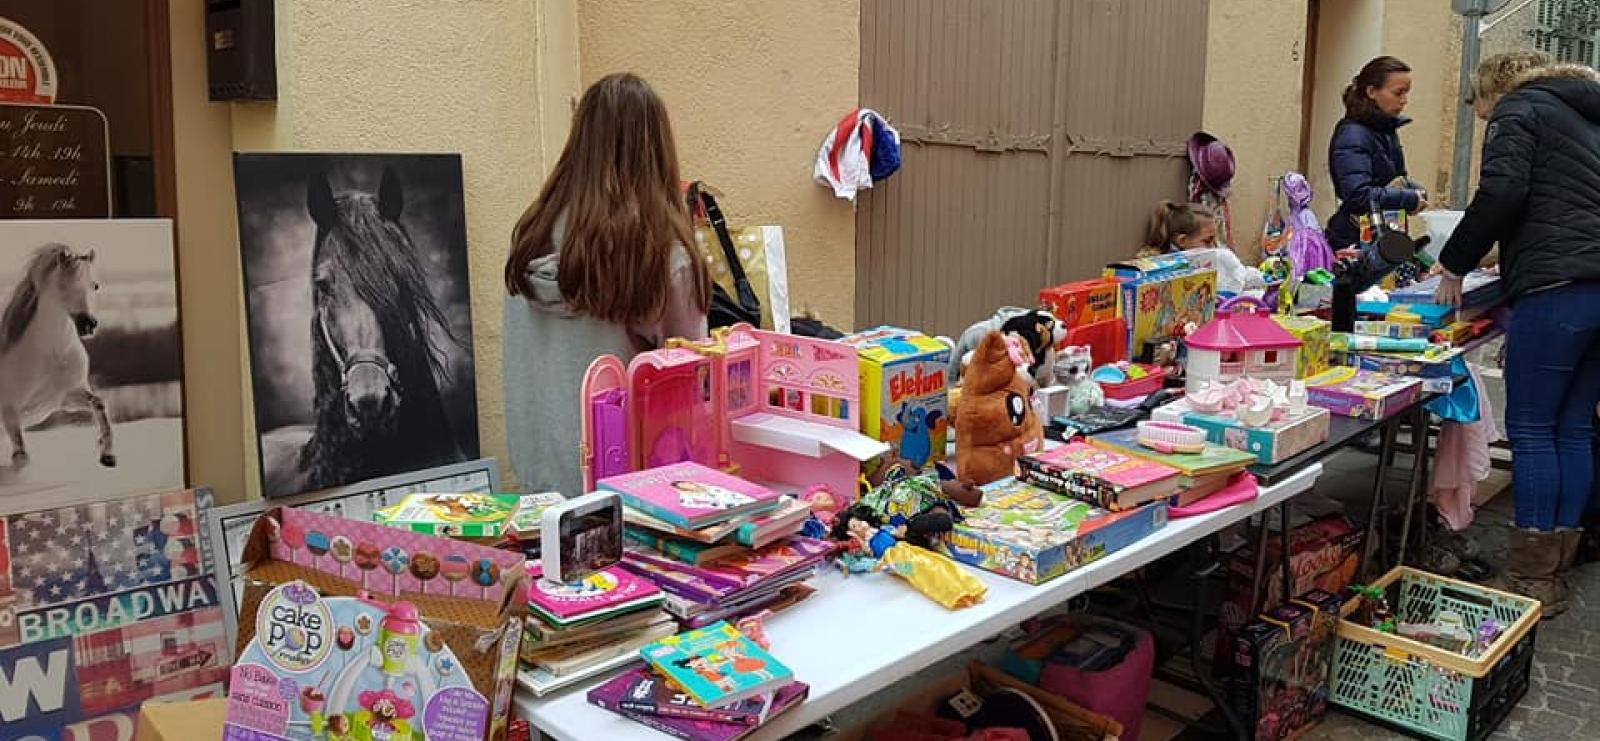 Bourse aux jouets des p'tites canailles